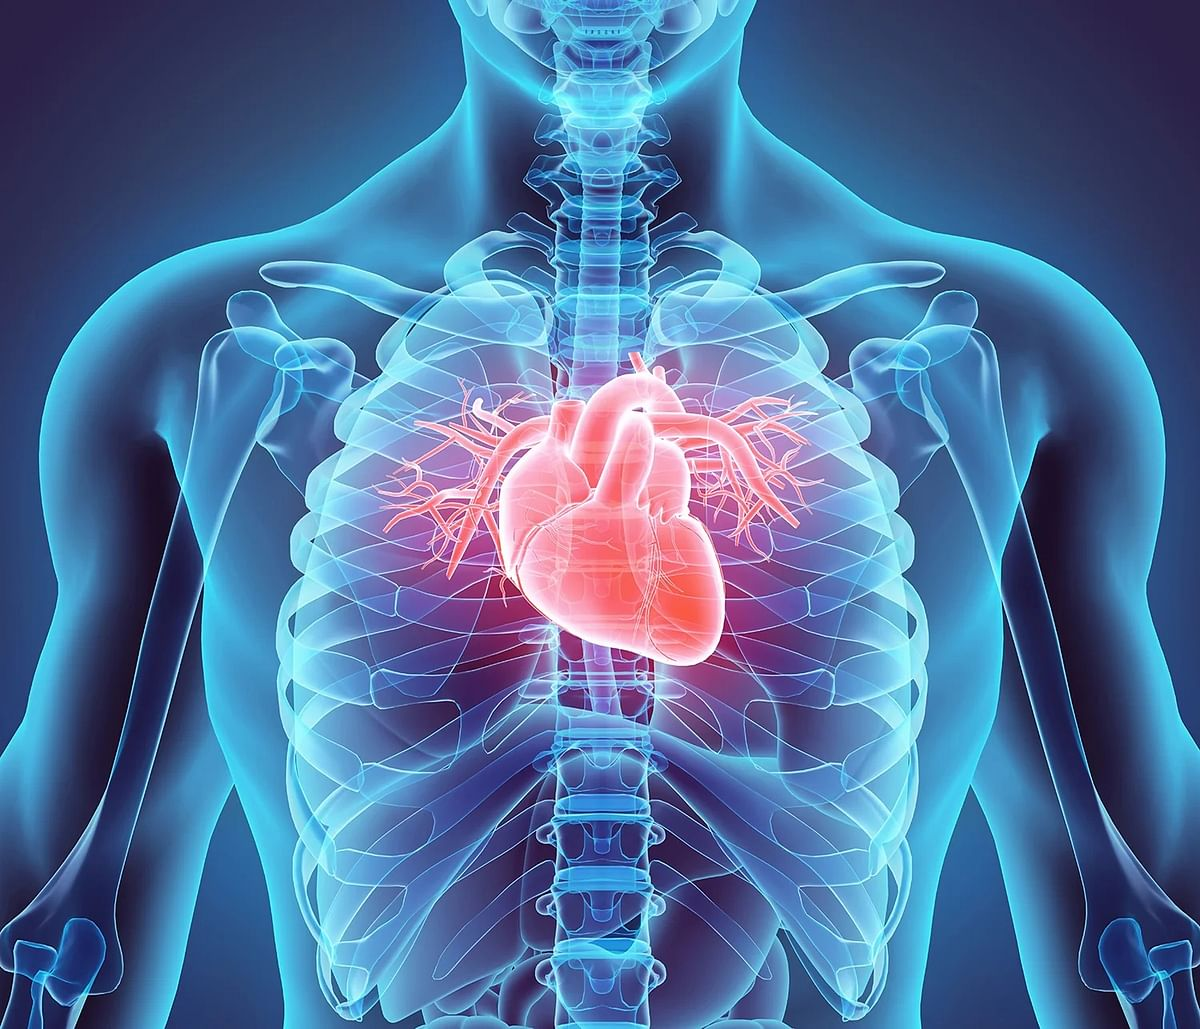 Corona and organ damage : कोरोना से हो गये स्वस्थ रखें विशेष ध्यान, 70 फीसद मरीजों के एक या दो ऑर्गन्स खराब